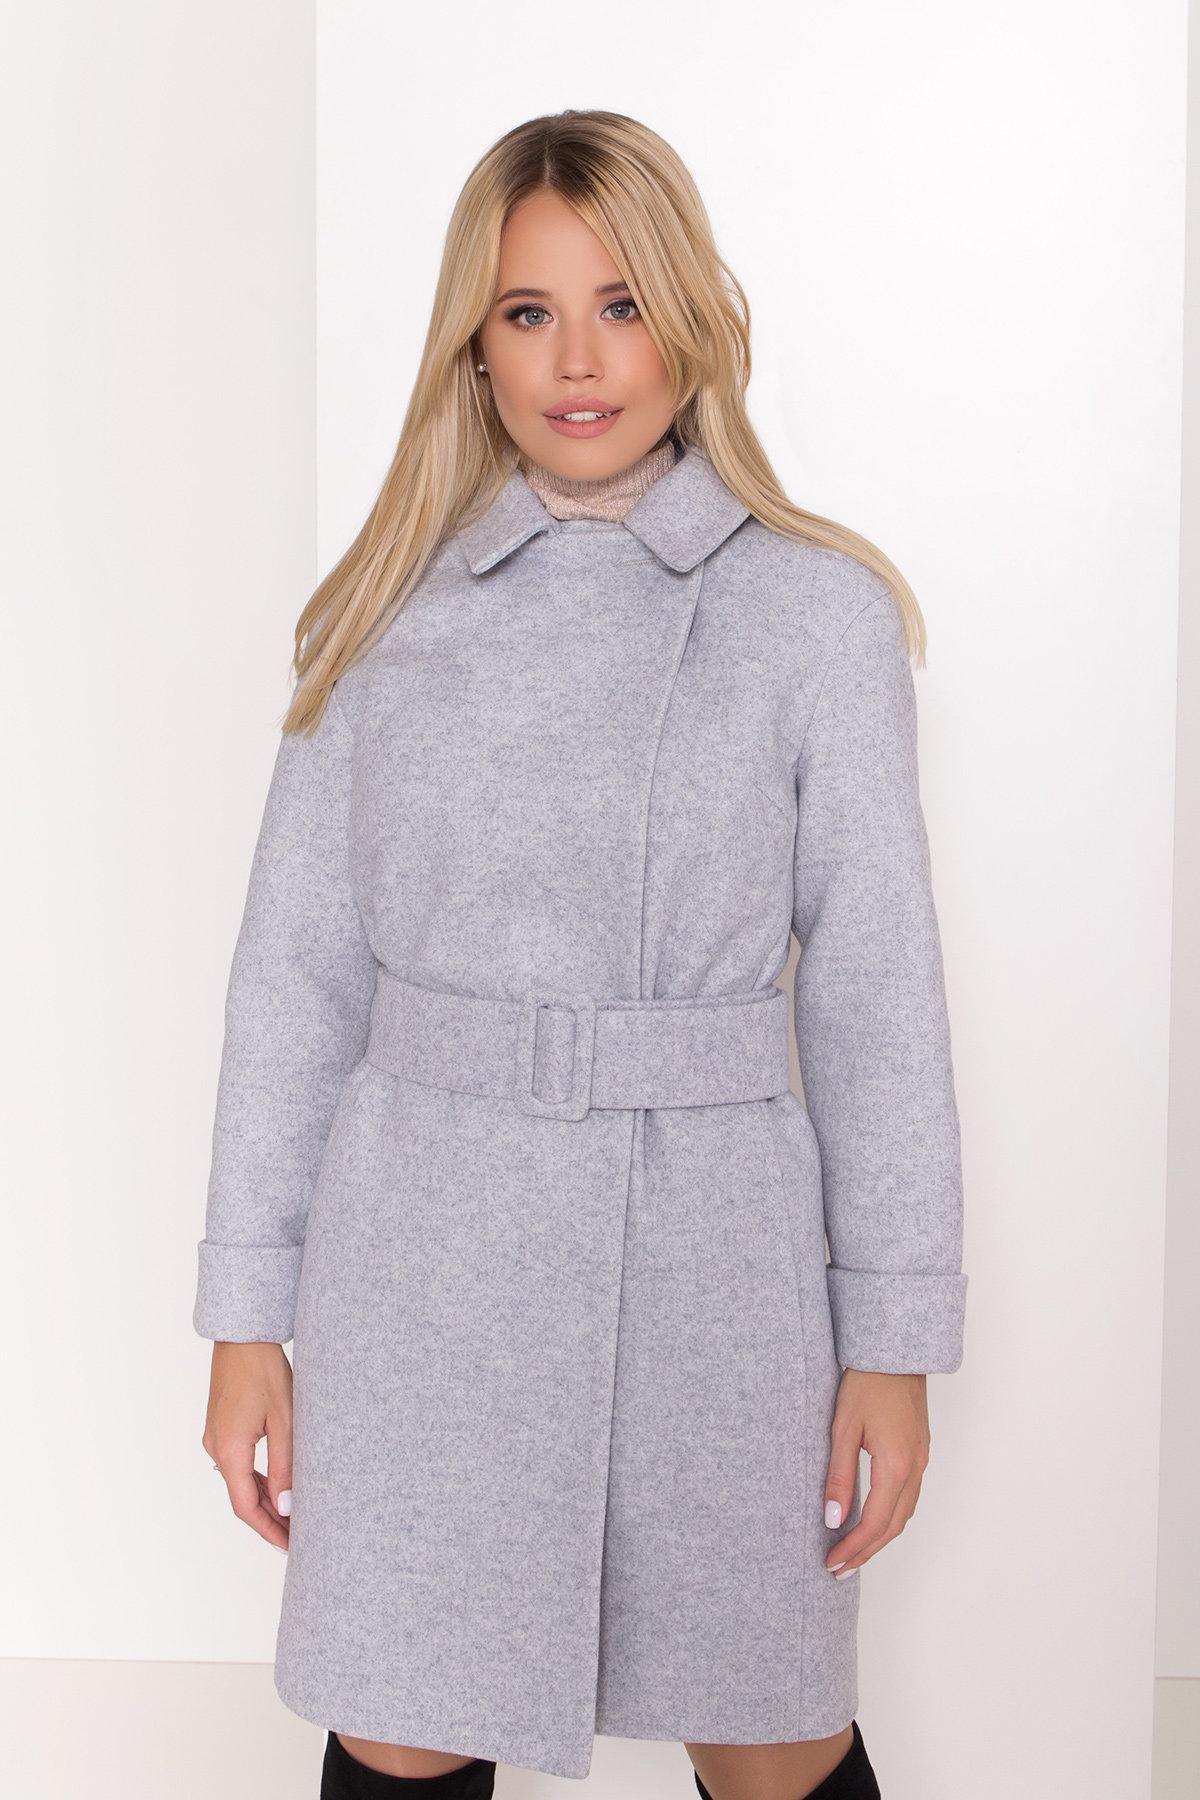 Стильное зимнее пальто пастельных тонов Лизи 8122 АРТ. 44087 Цвет: Серый Светлый 33 - фото 5, интернет магазин tm-modus.ru